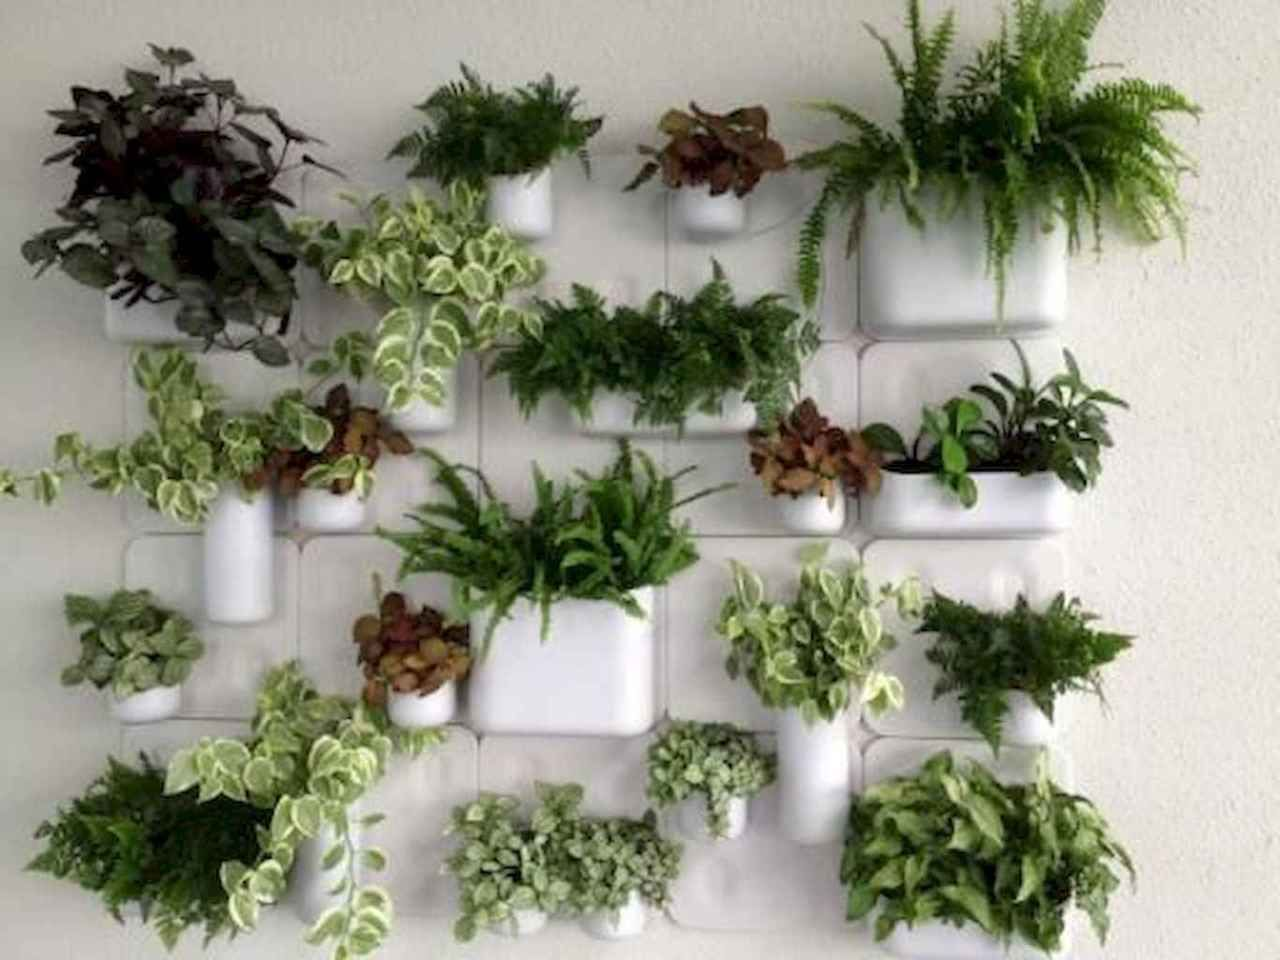 01 impressive indoor vertical garden decor ideas on indoor herb garden diy wall vertical planter id=34737